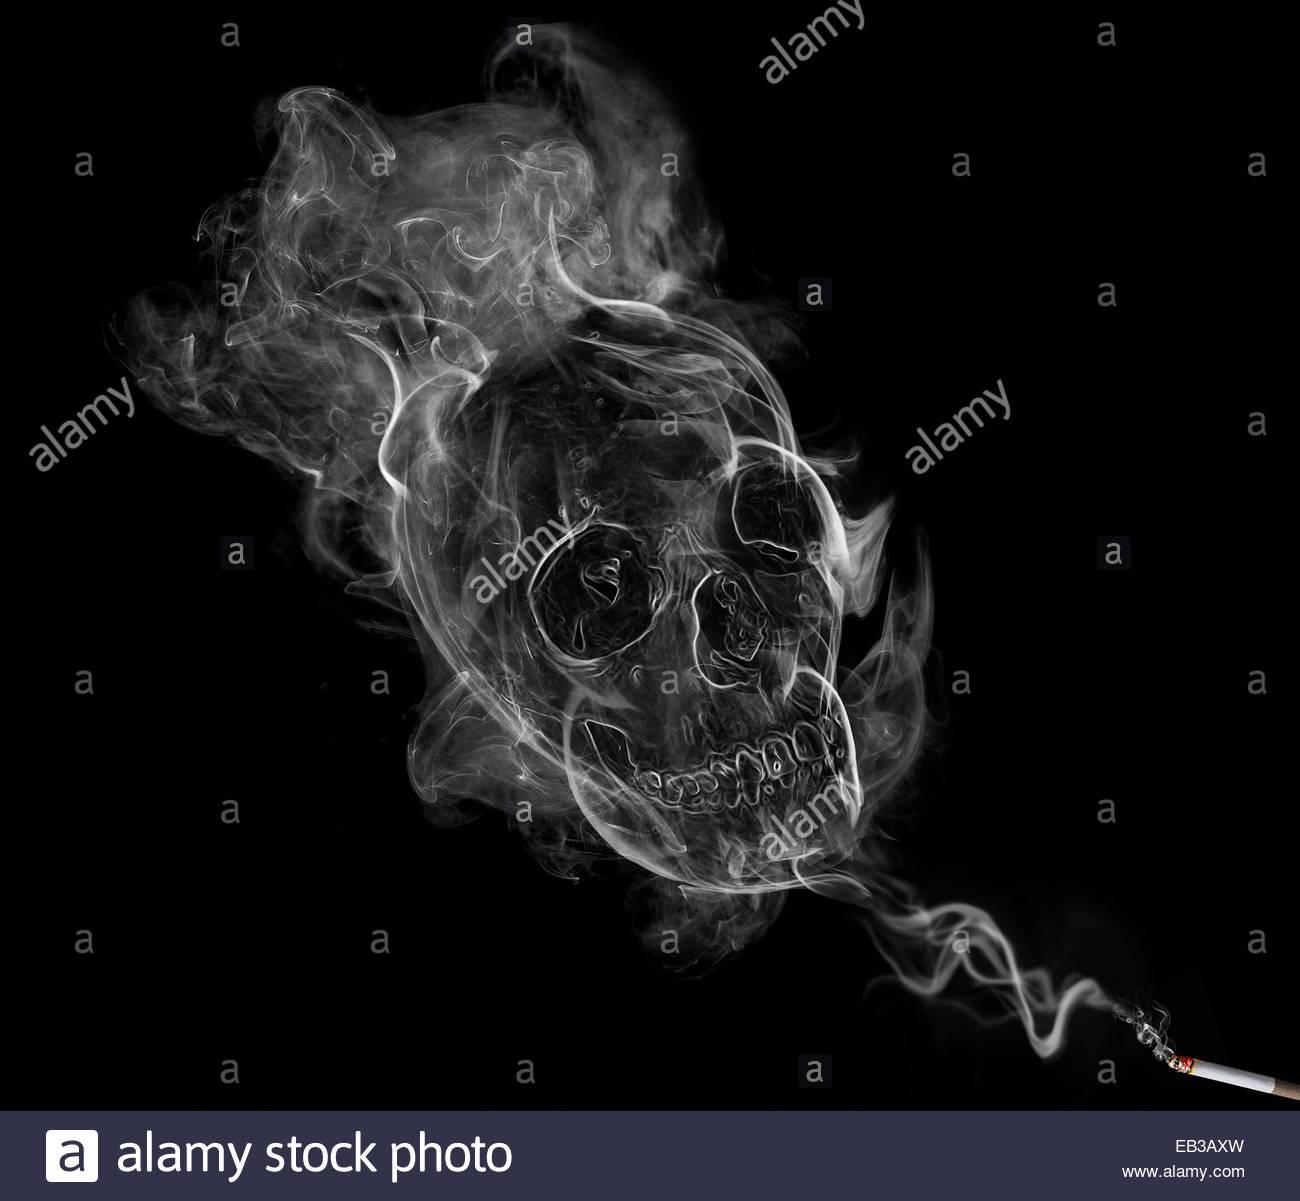 Poisoned smoke - Stock Image